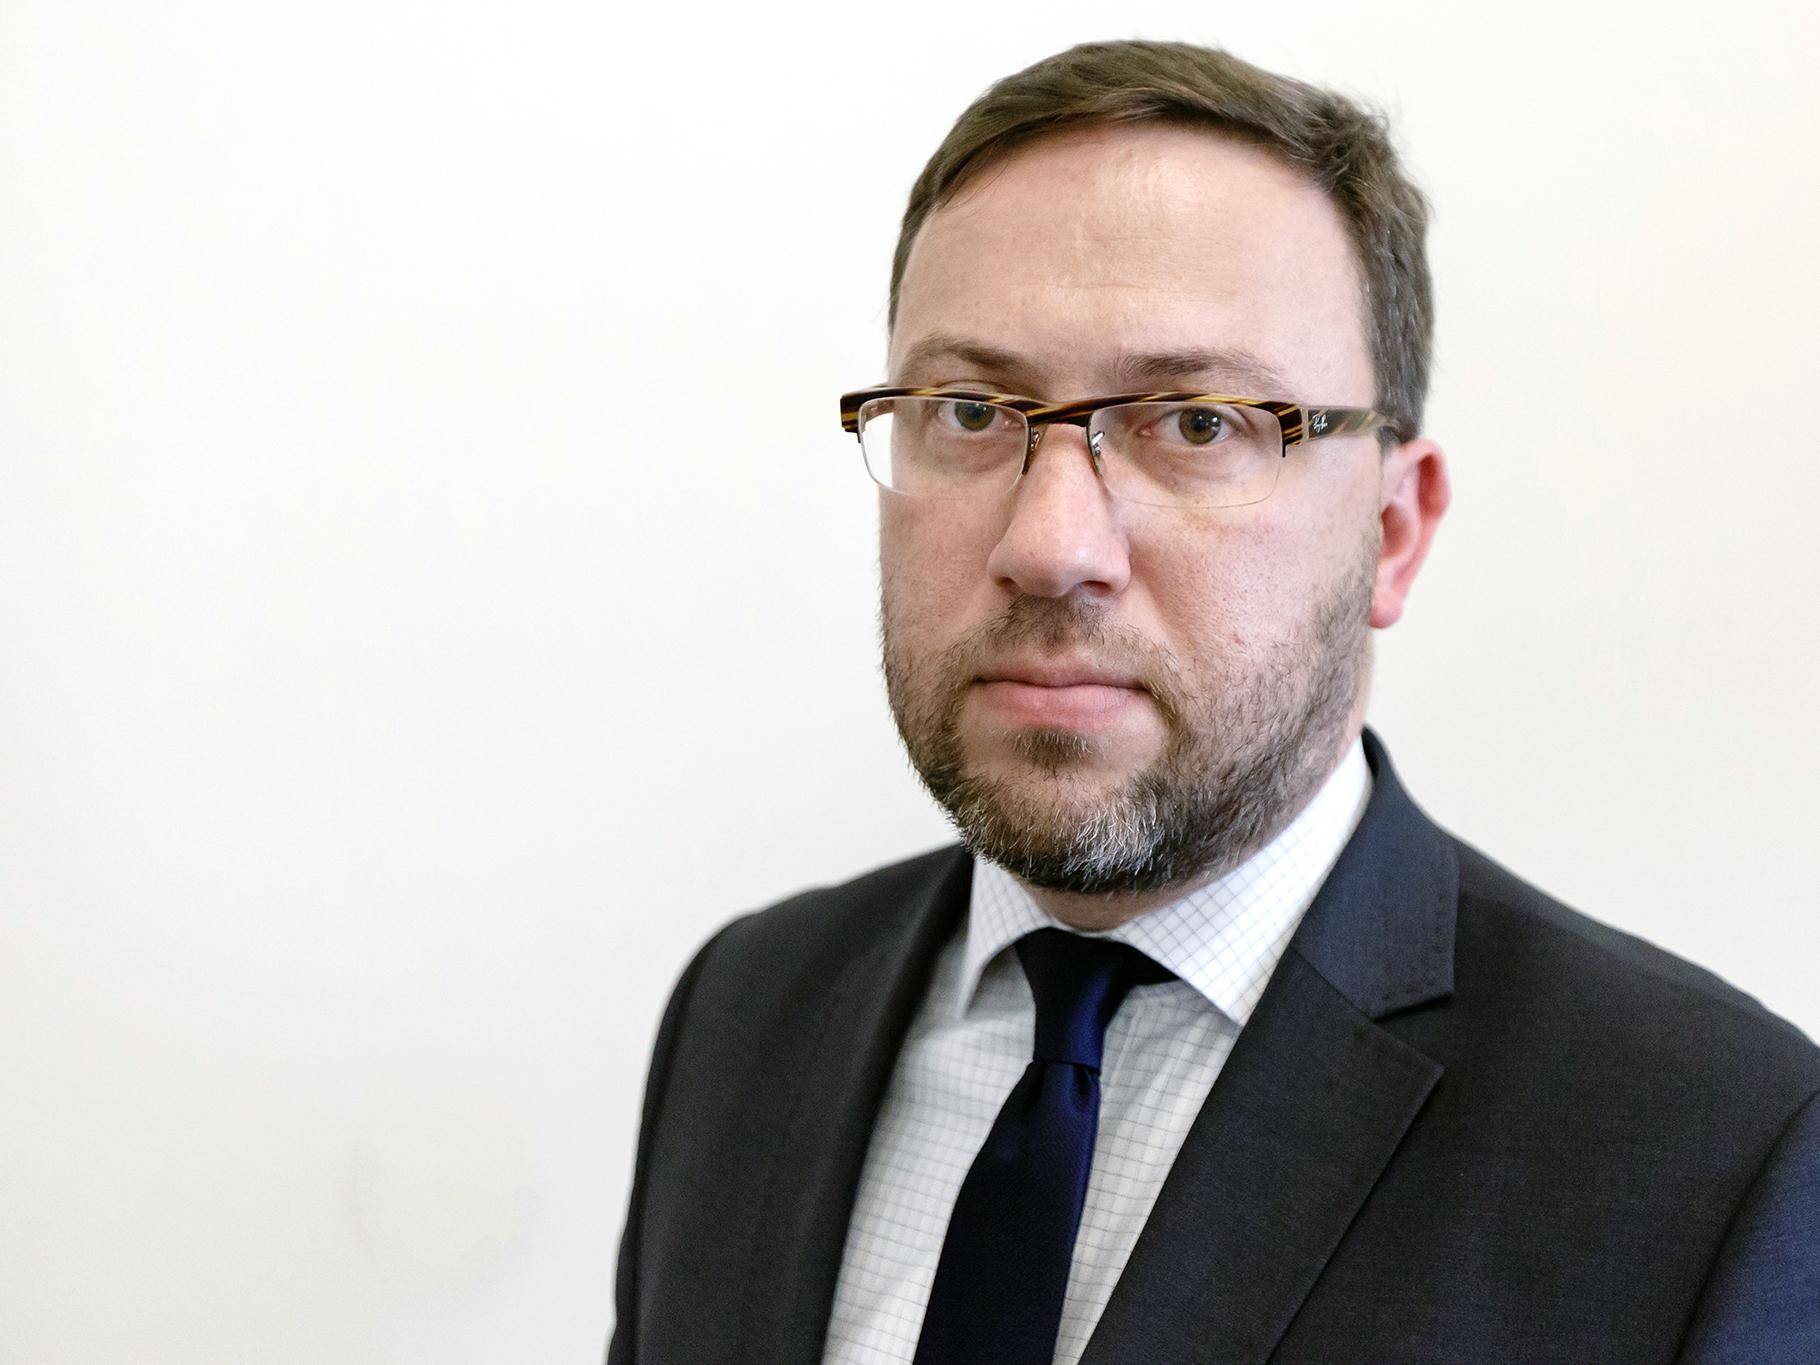 Wiceminister B.Cichocki po wizycie w Izraelu: rozpoczeliśmy dialog merytoryczny, prawny i badawczy